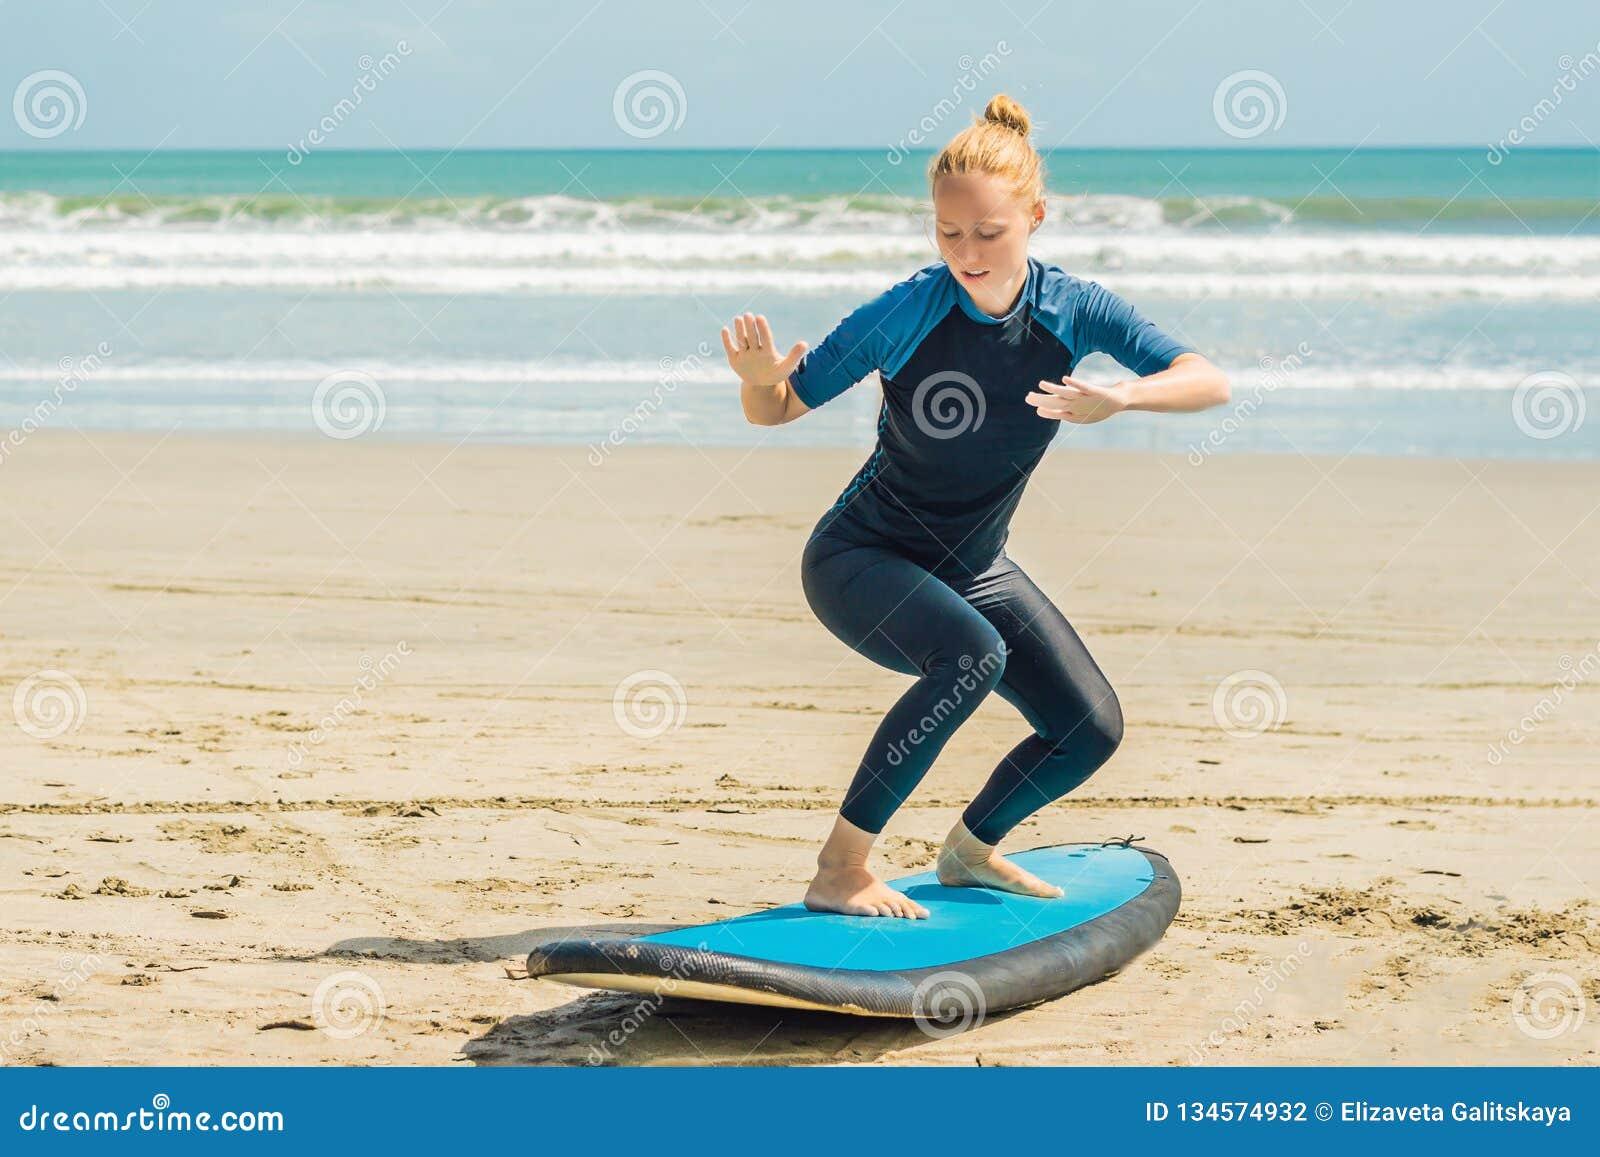 Młoda kobieta trenuje stać na kipieli przed pierwszy surfing lekcją